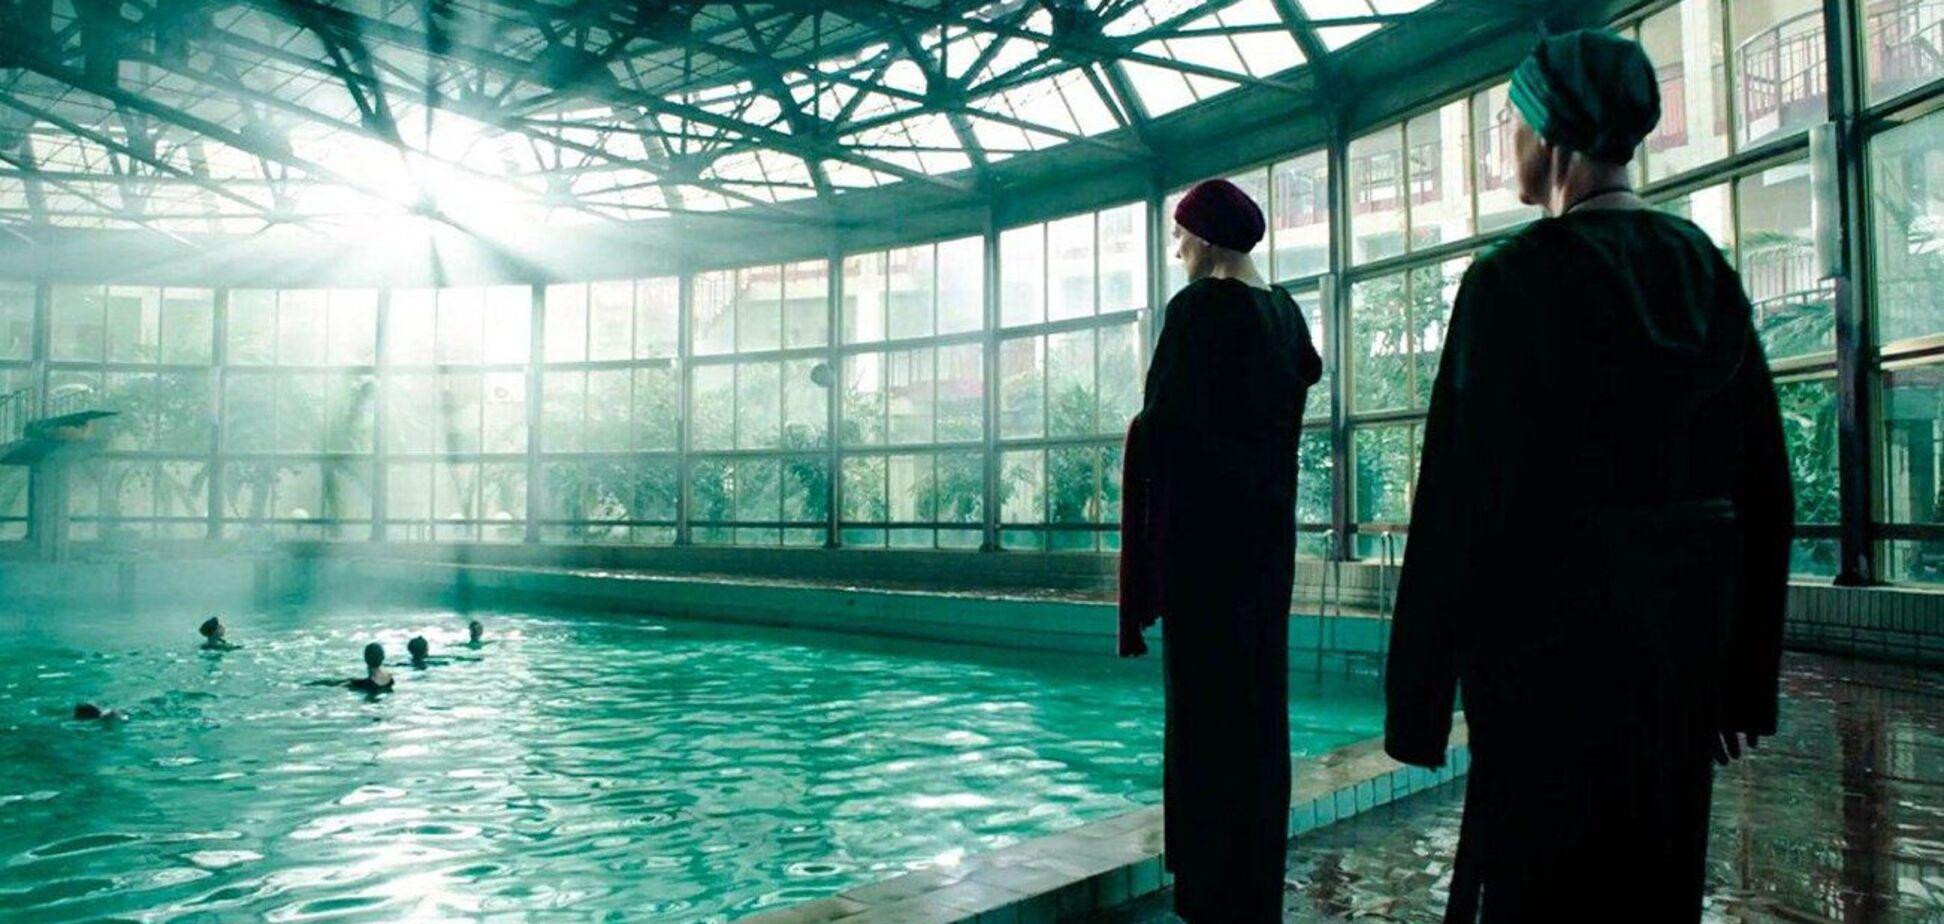 В прокат виходить український фільм жахів «Сторонній», який увійшов у ТОП 20 найкращих фільмів жахів 2020 року